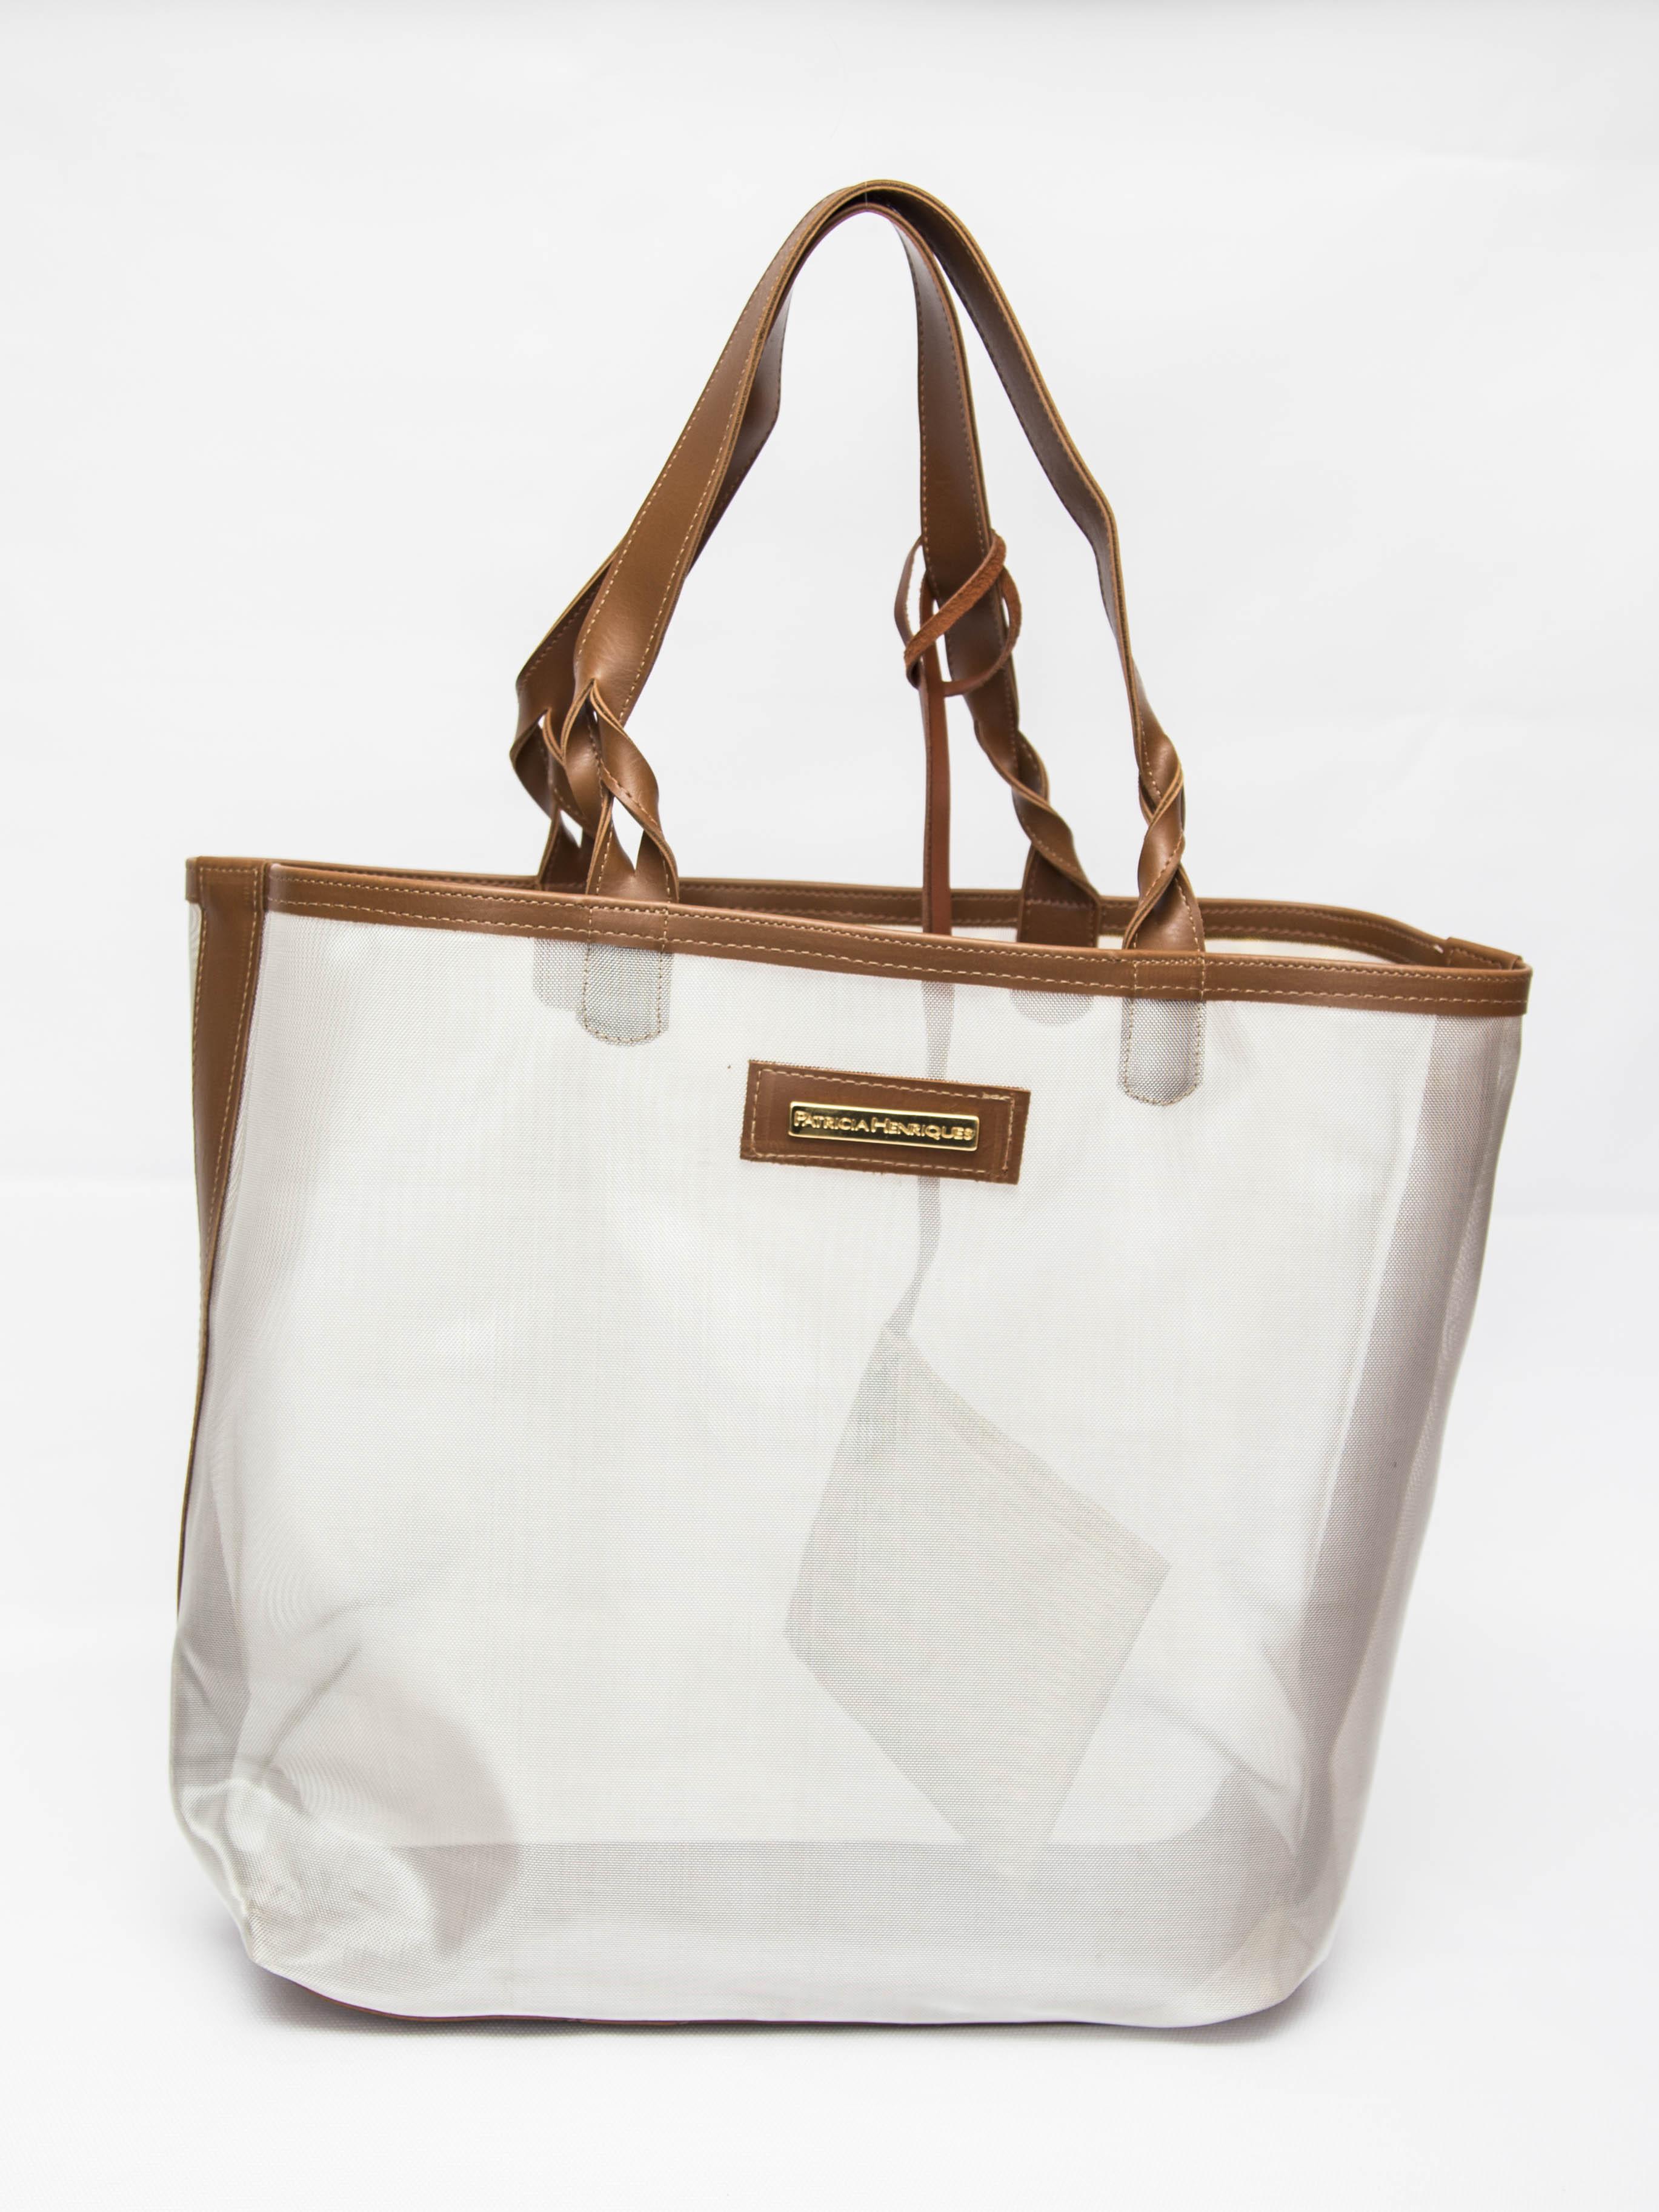 Bolsa Dourada : Bolsa de praia dourada dupla face tela patricia